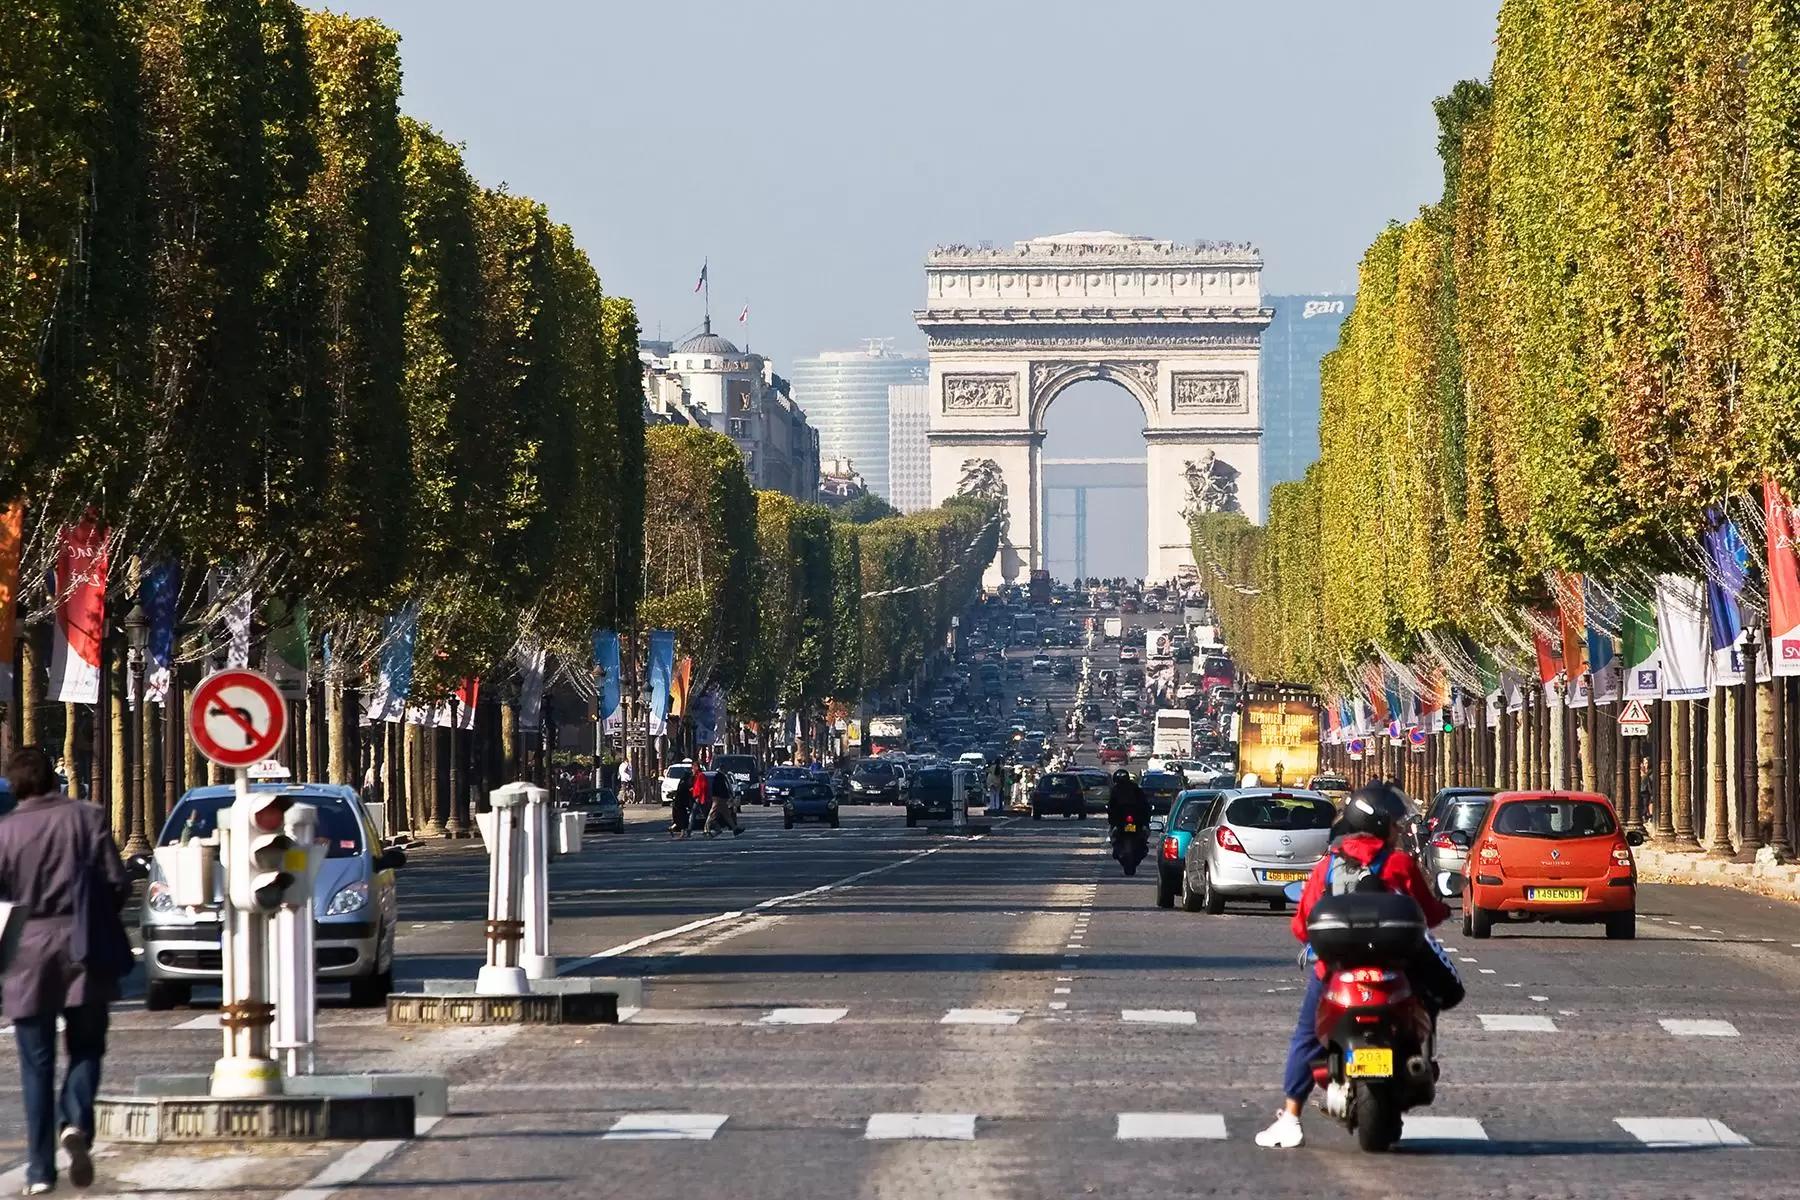 17 Arc de Triomphe Champs-Elysees